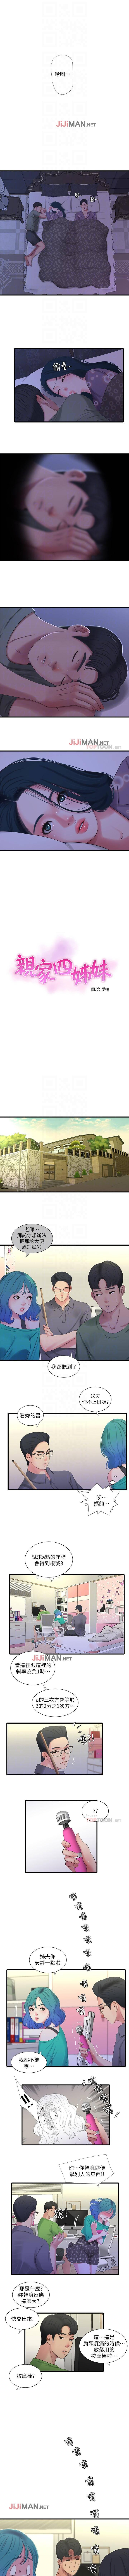 【周四连载】亲家四姐妹(作者:愛摸) 第1~37话 153